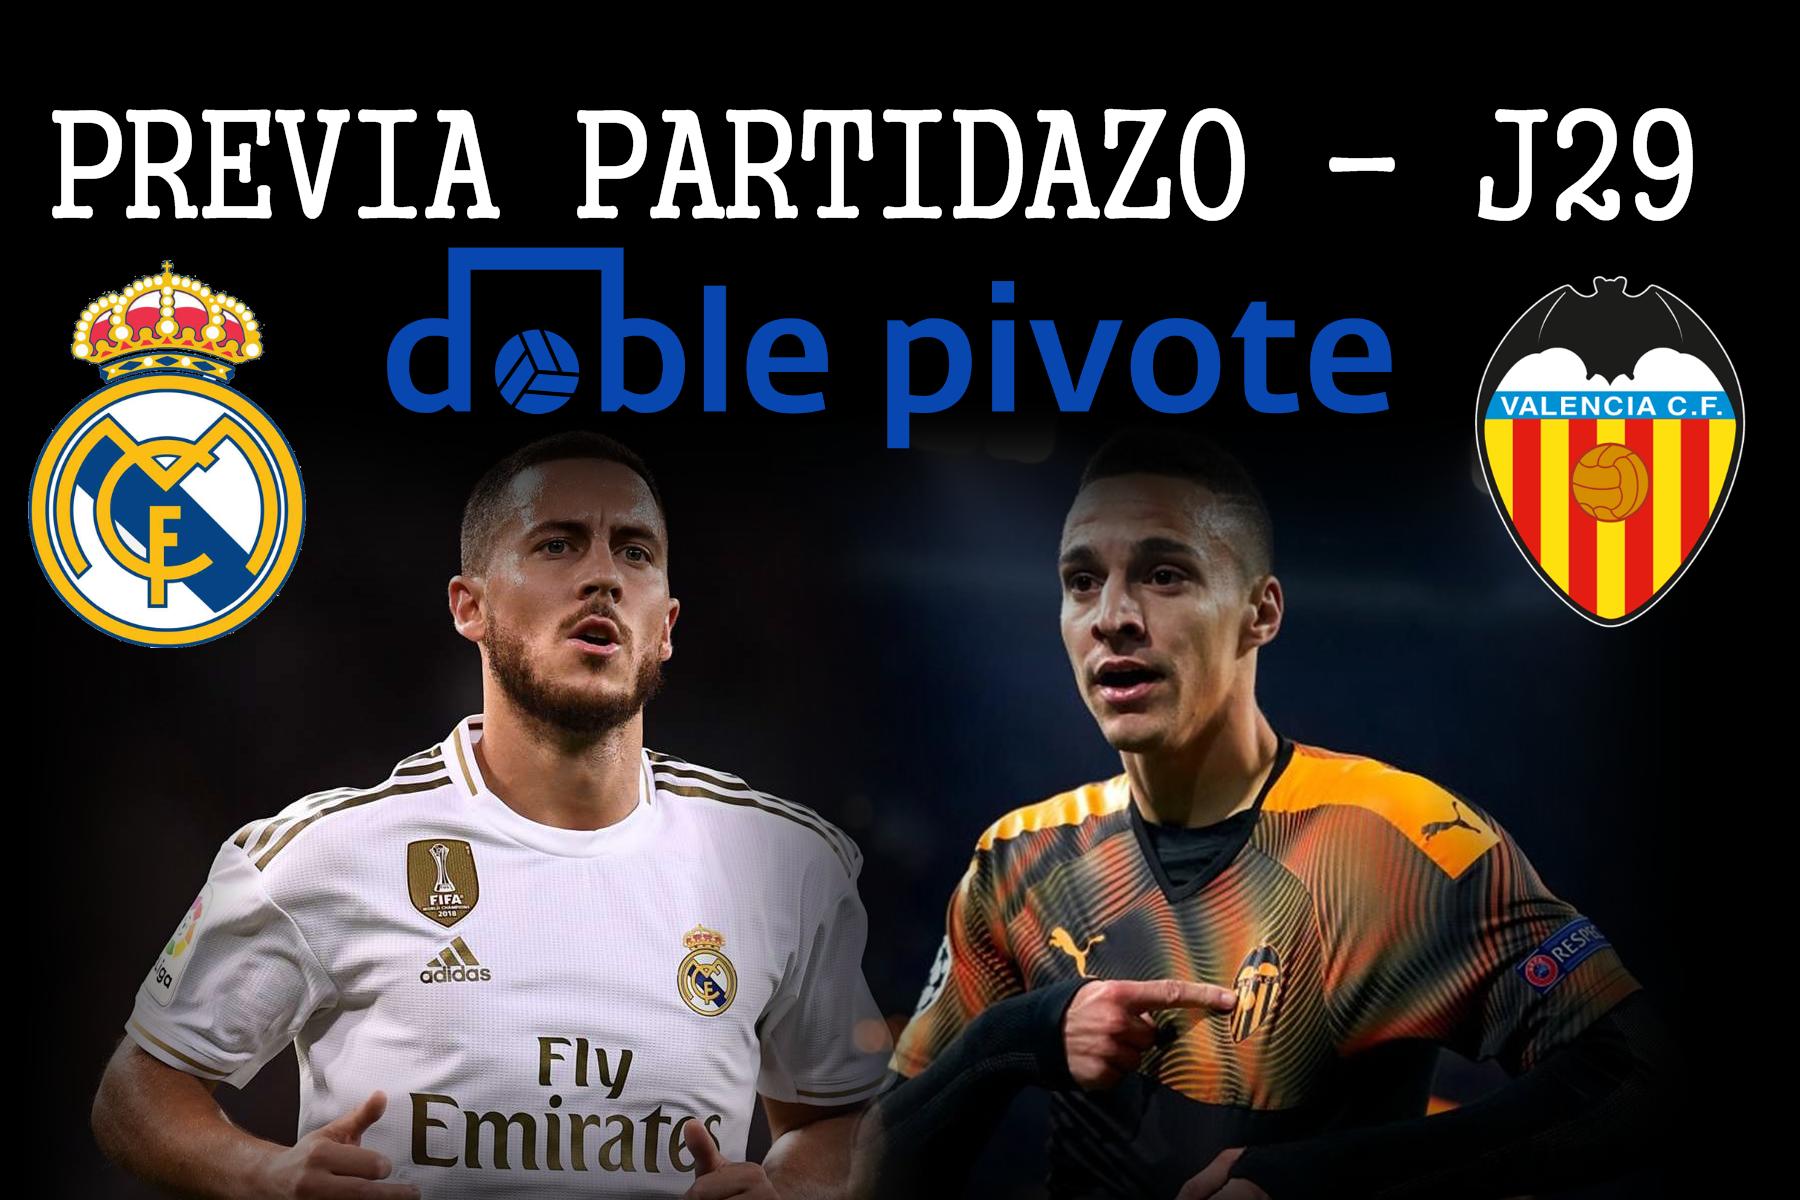 Previa J29 -Jueves 18 22:00 - Real Madrid vs Valencia